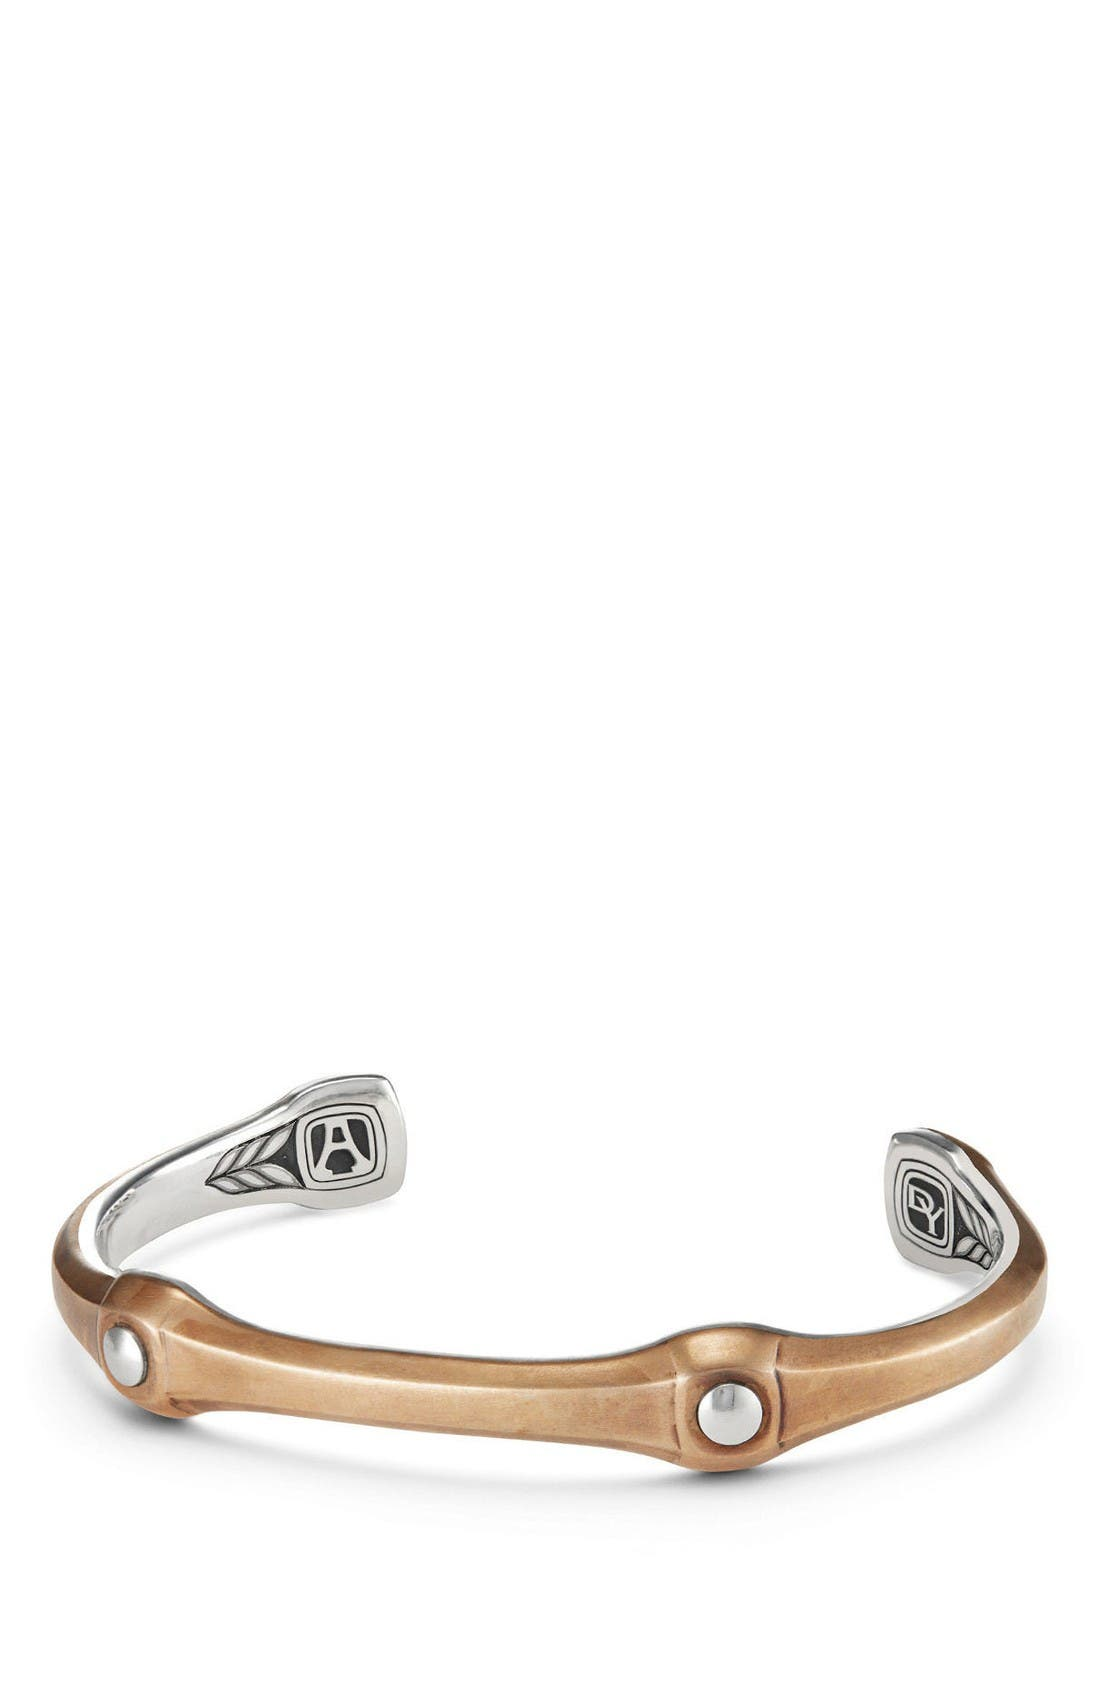 David Yurman Anvil Cuff Bracelet, 10.5mm